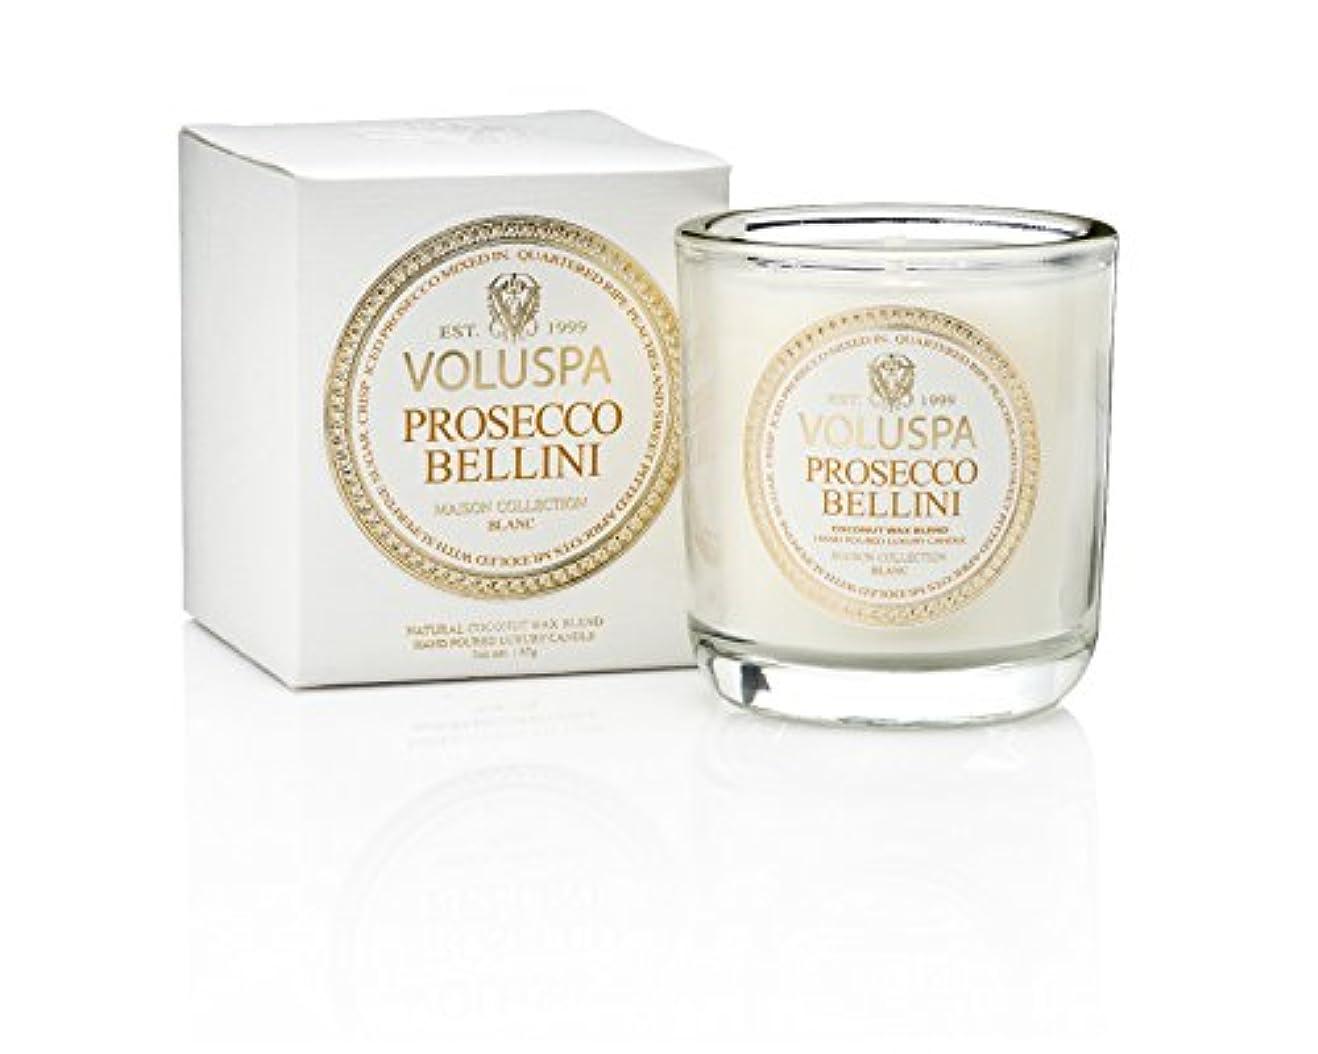 うれしい器用状況VOLUSPA メゾンブラン ミニグラスキャンドル Prosecco Bellini プロセッコベッリーニ MAISON BLANK GLASS CANDLE mini ボルスパ